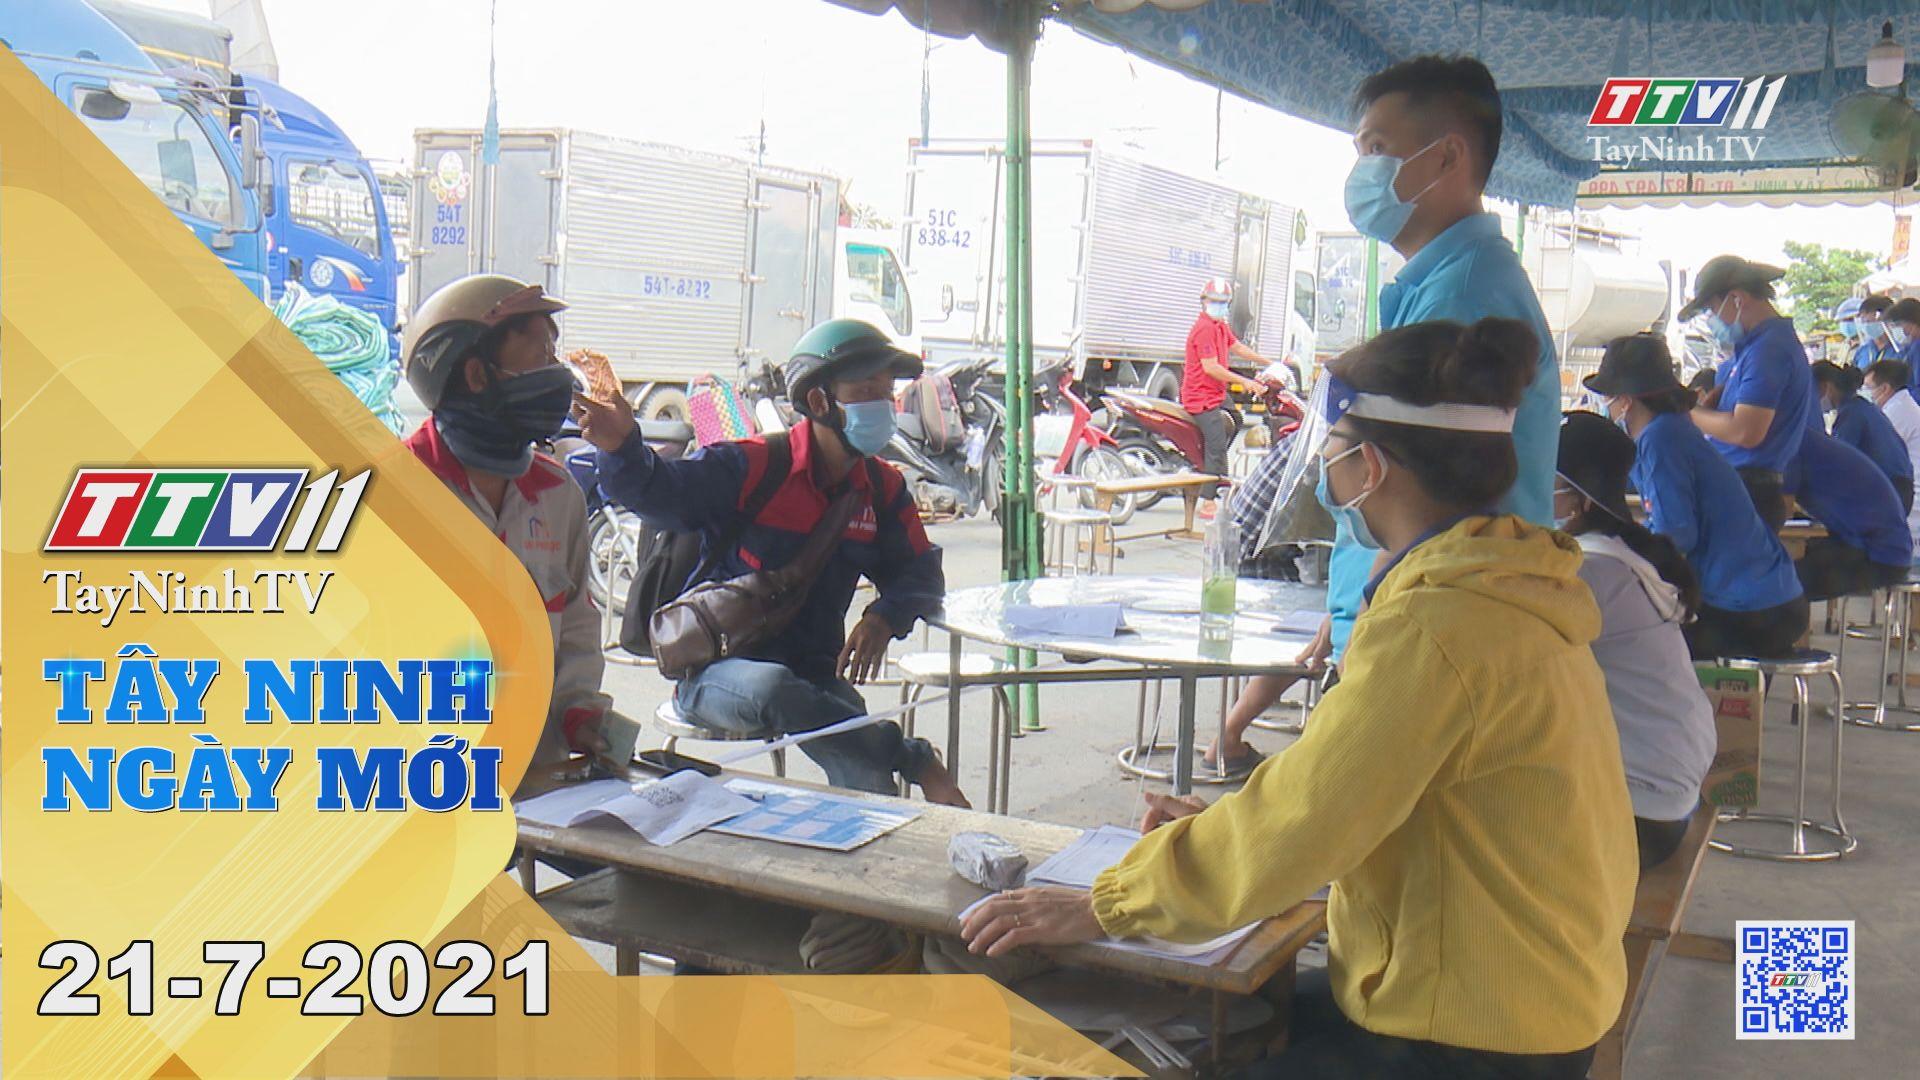 Tây Ninh Ngày Mới 21-7-2021 | Tin tức hôm nay | TayNinhTV